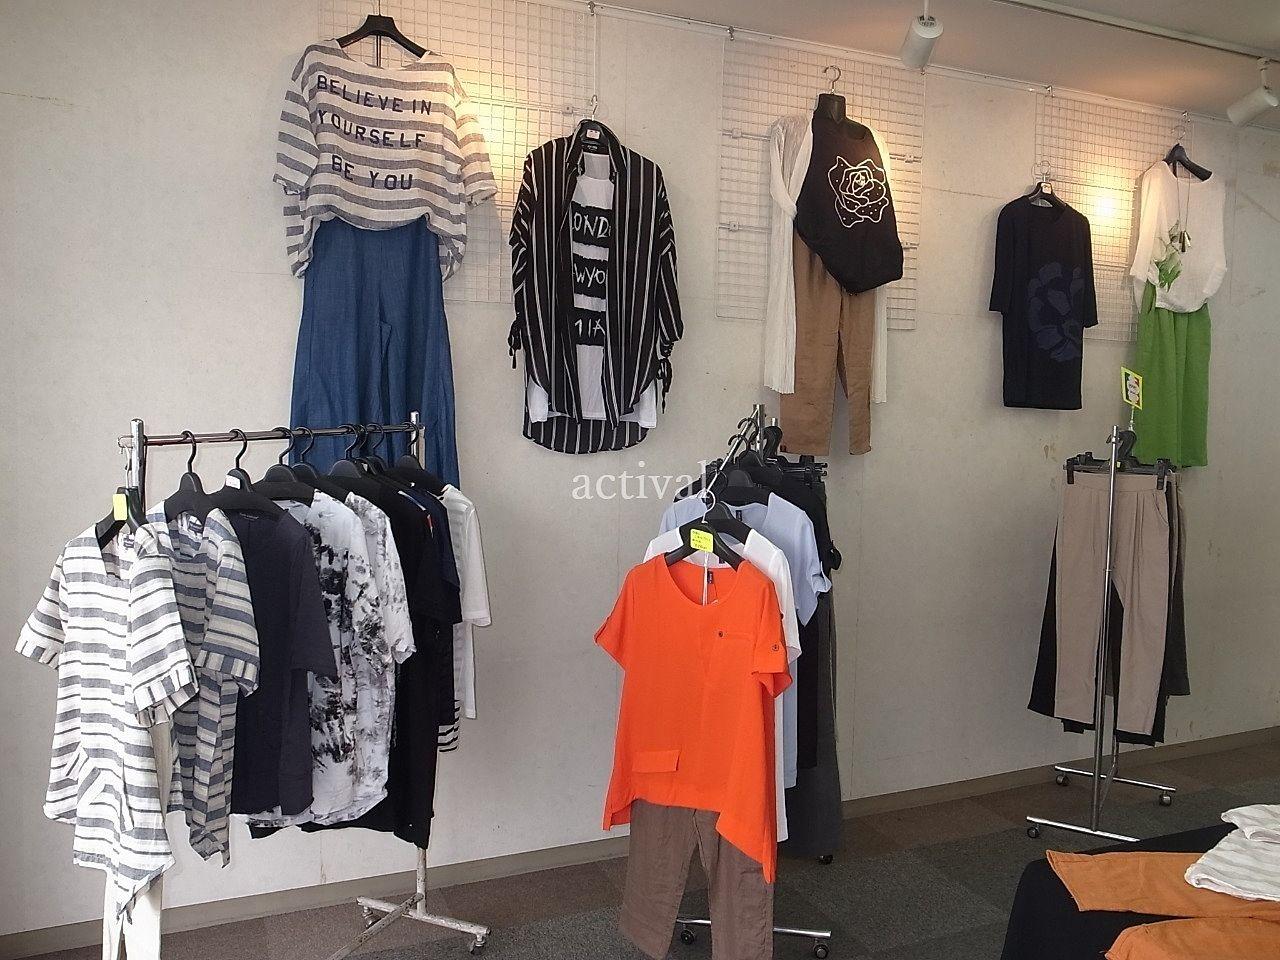 ア・ス・ヴェルデ「週貸店舗」でのインポート婦人服販売です。